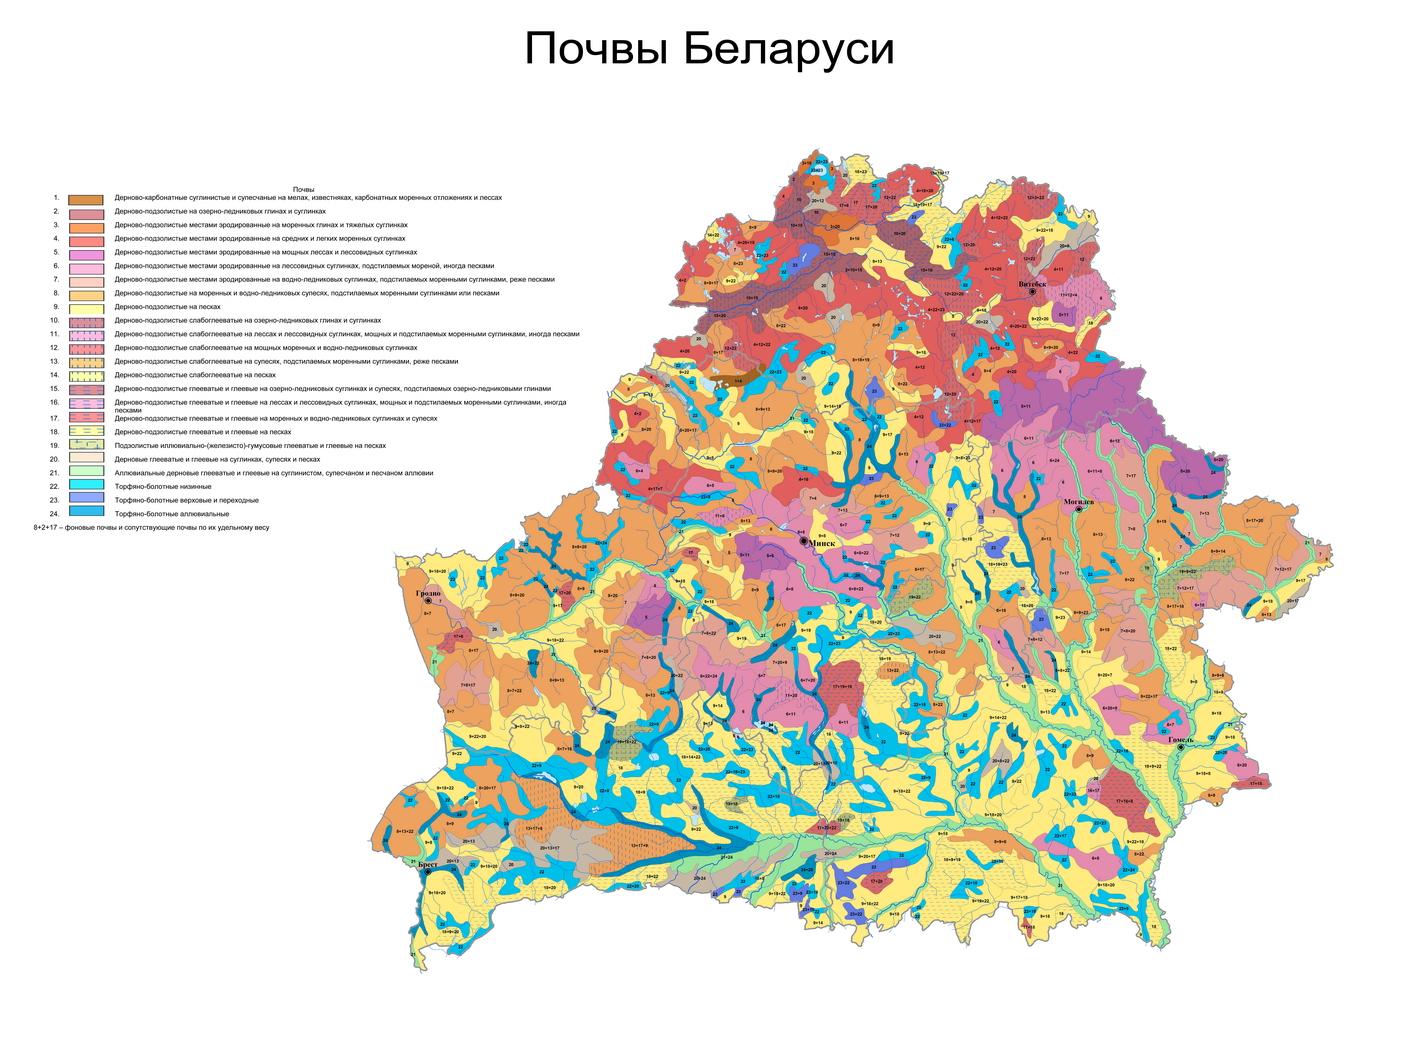 Почвы Беларуси. Почвенная карта, разработанная Институтом почвоведения и агрохимии